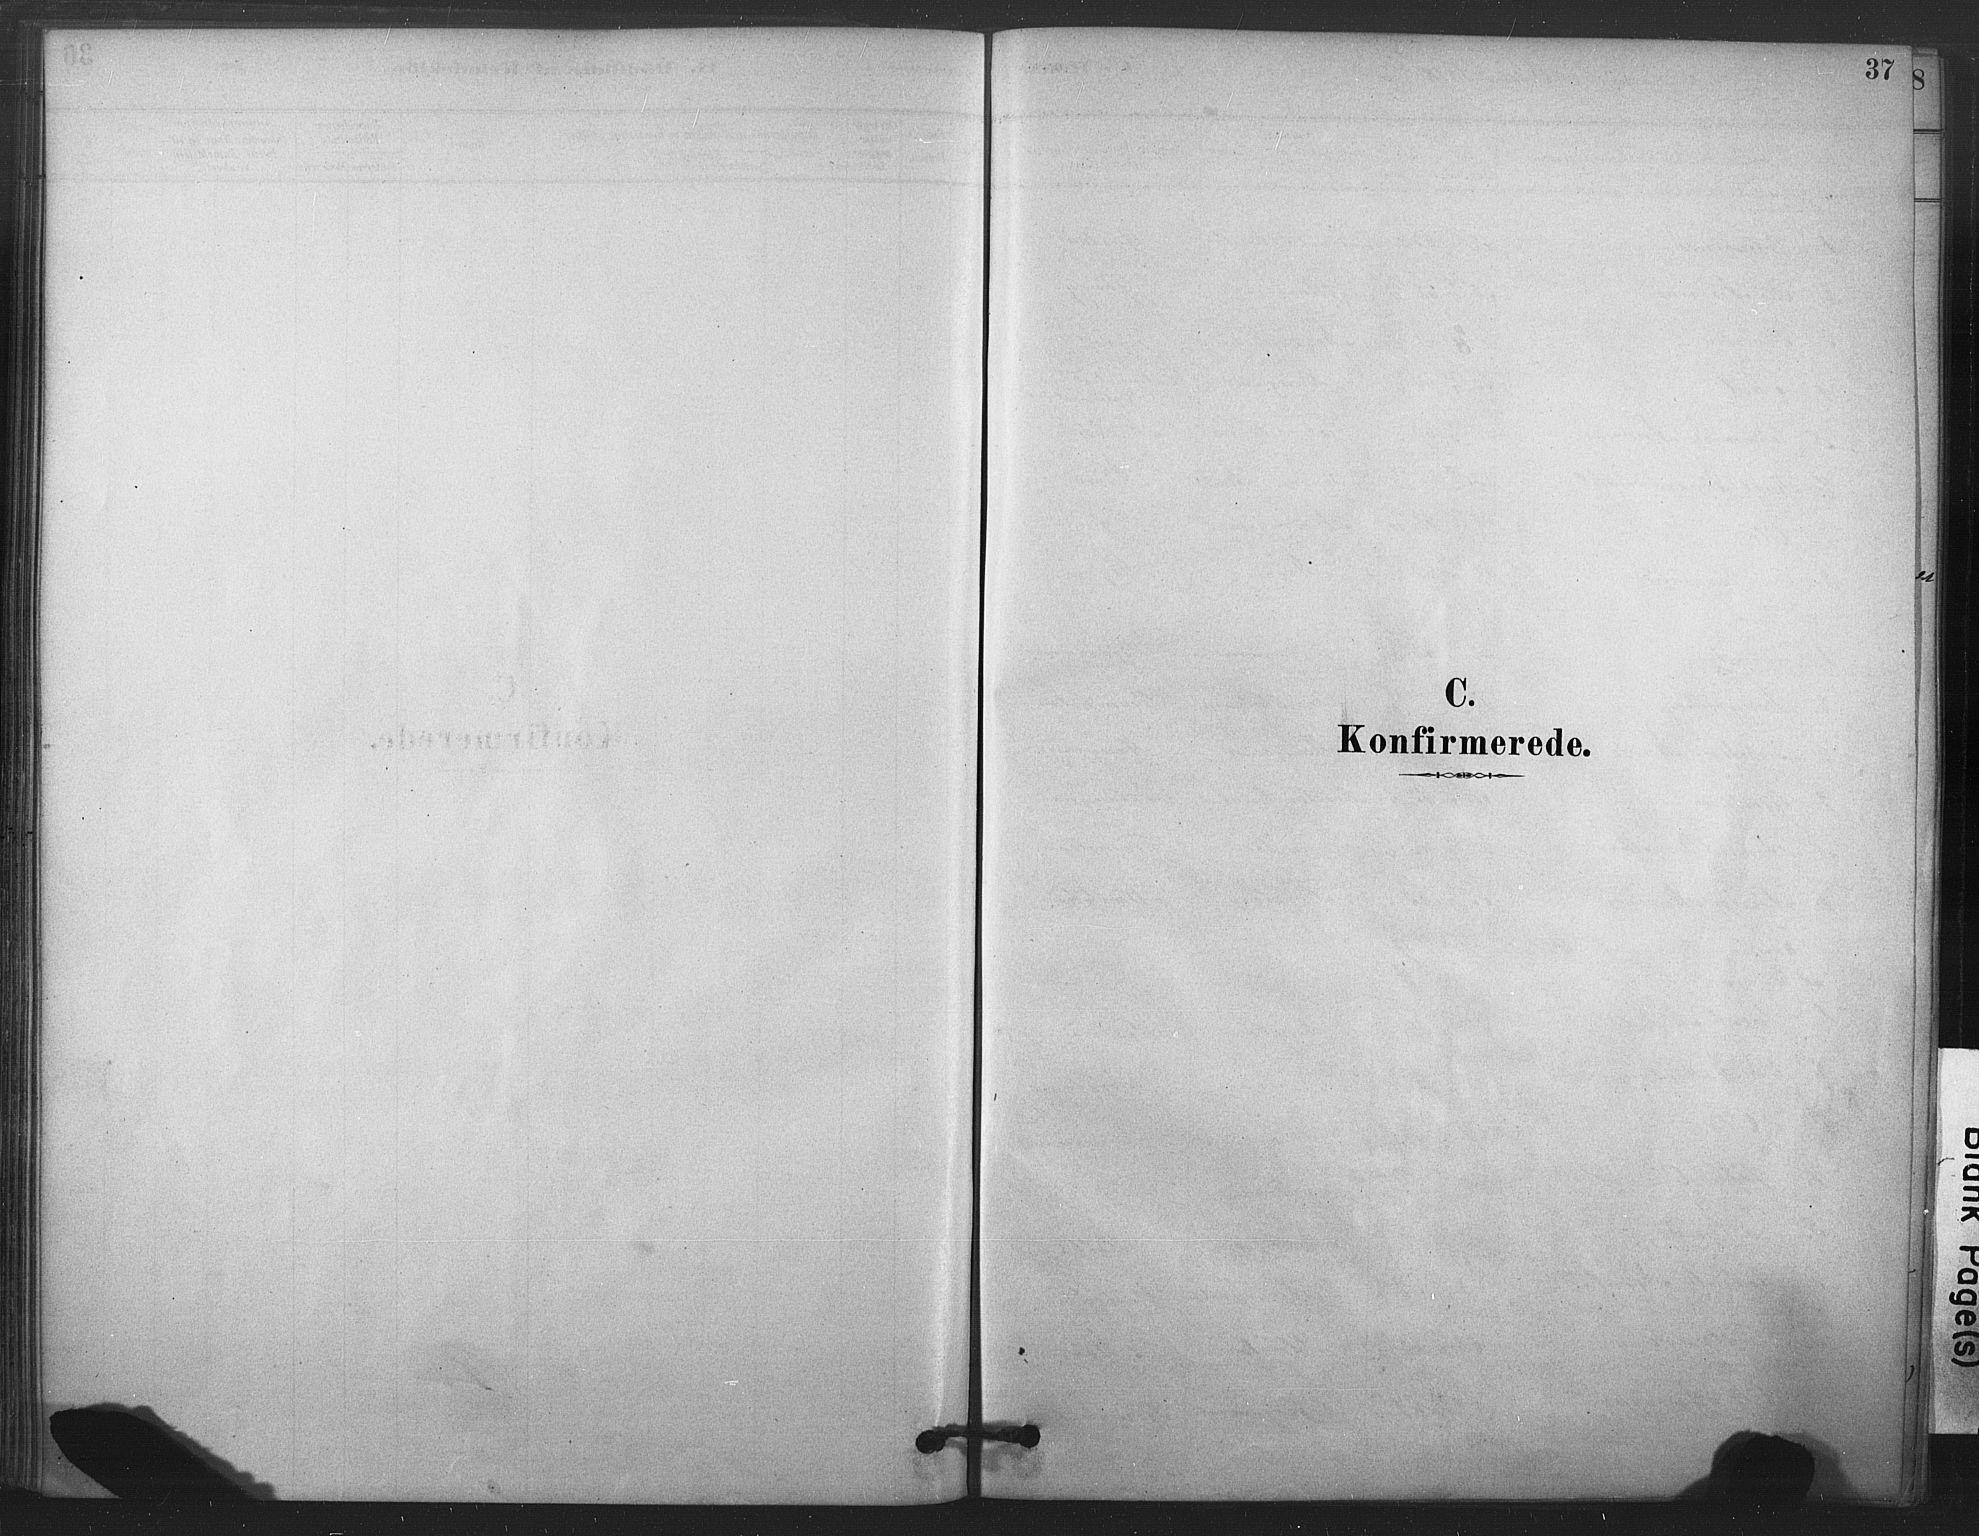 SAT, Ministerialprotokoller, klokkerbøker og fødselsregistre - Nord-Trøndelag, 719/L0178: Ministerialbok nr. 719A01, 1878-1900, s. 37